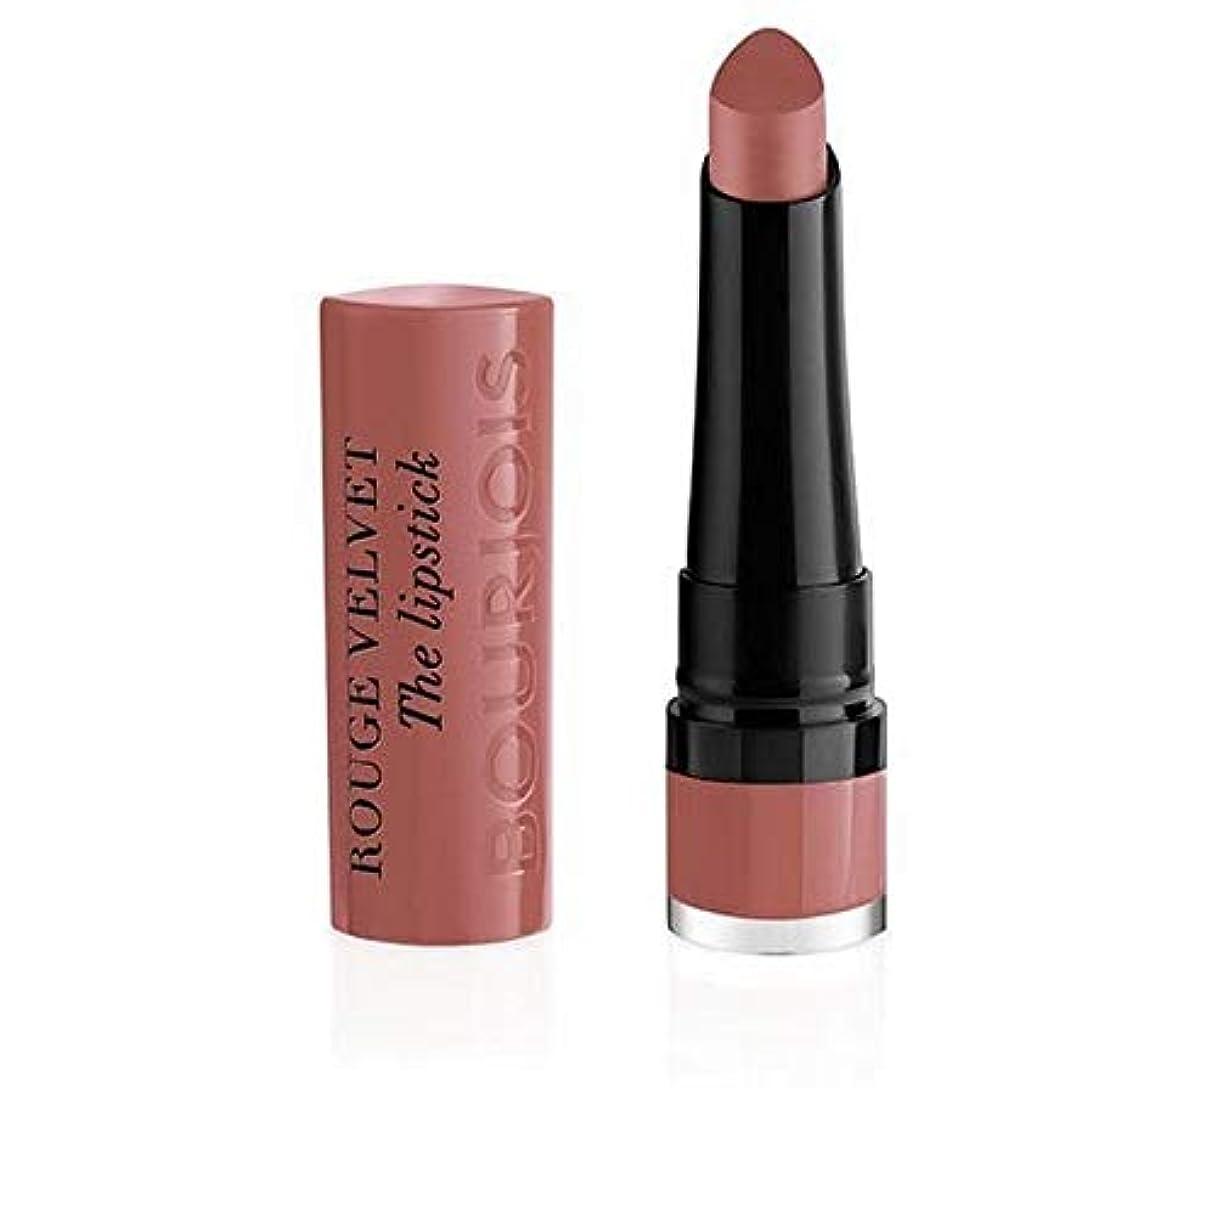 文ストッキング耐えられる[Bourjois ] ルージュのベルベットの口紅13 Nochalicious - Rouge Velvet The Lipstick 13 Nochalicious [並行輸入品]